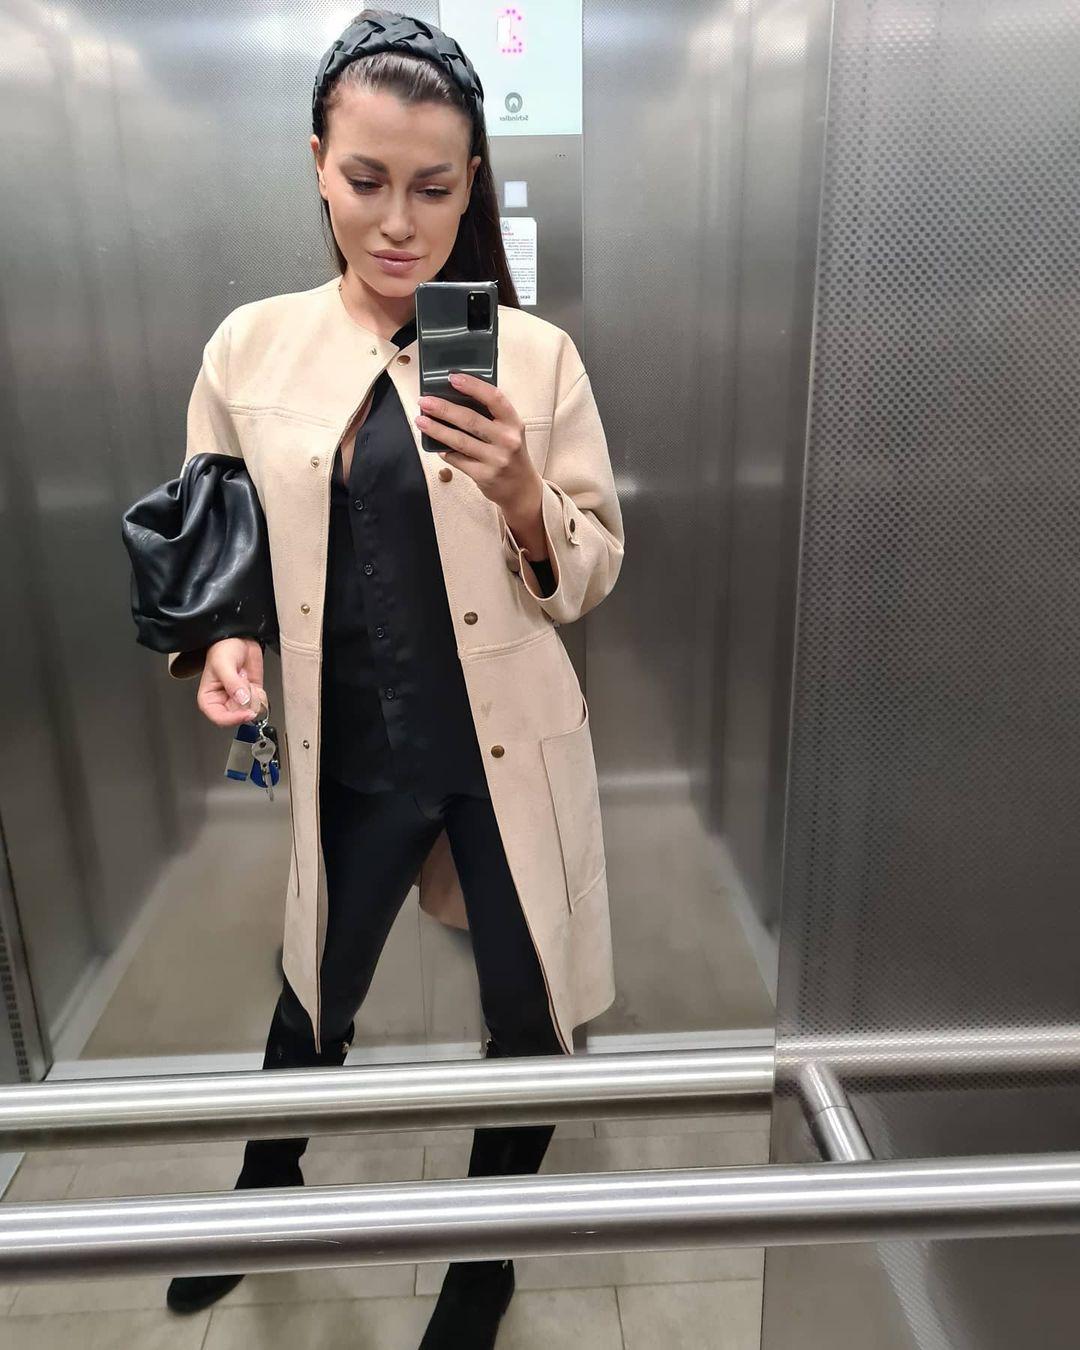 Simona-Ella-Breckova-Wallpapers-Insta-Fit-Bio-1